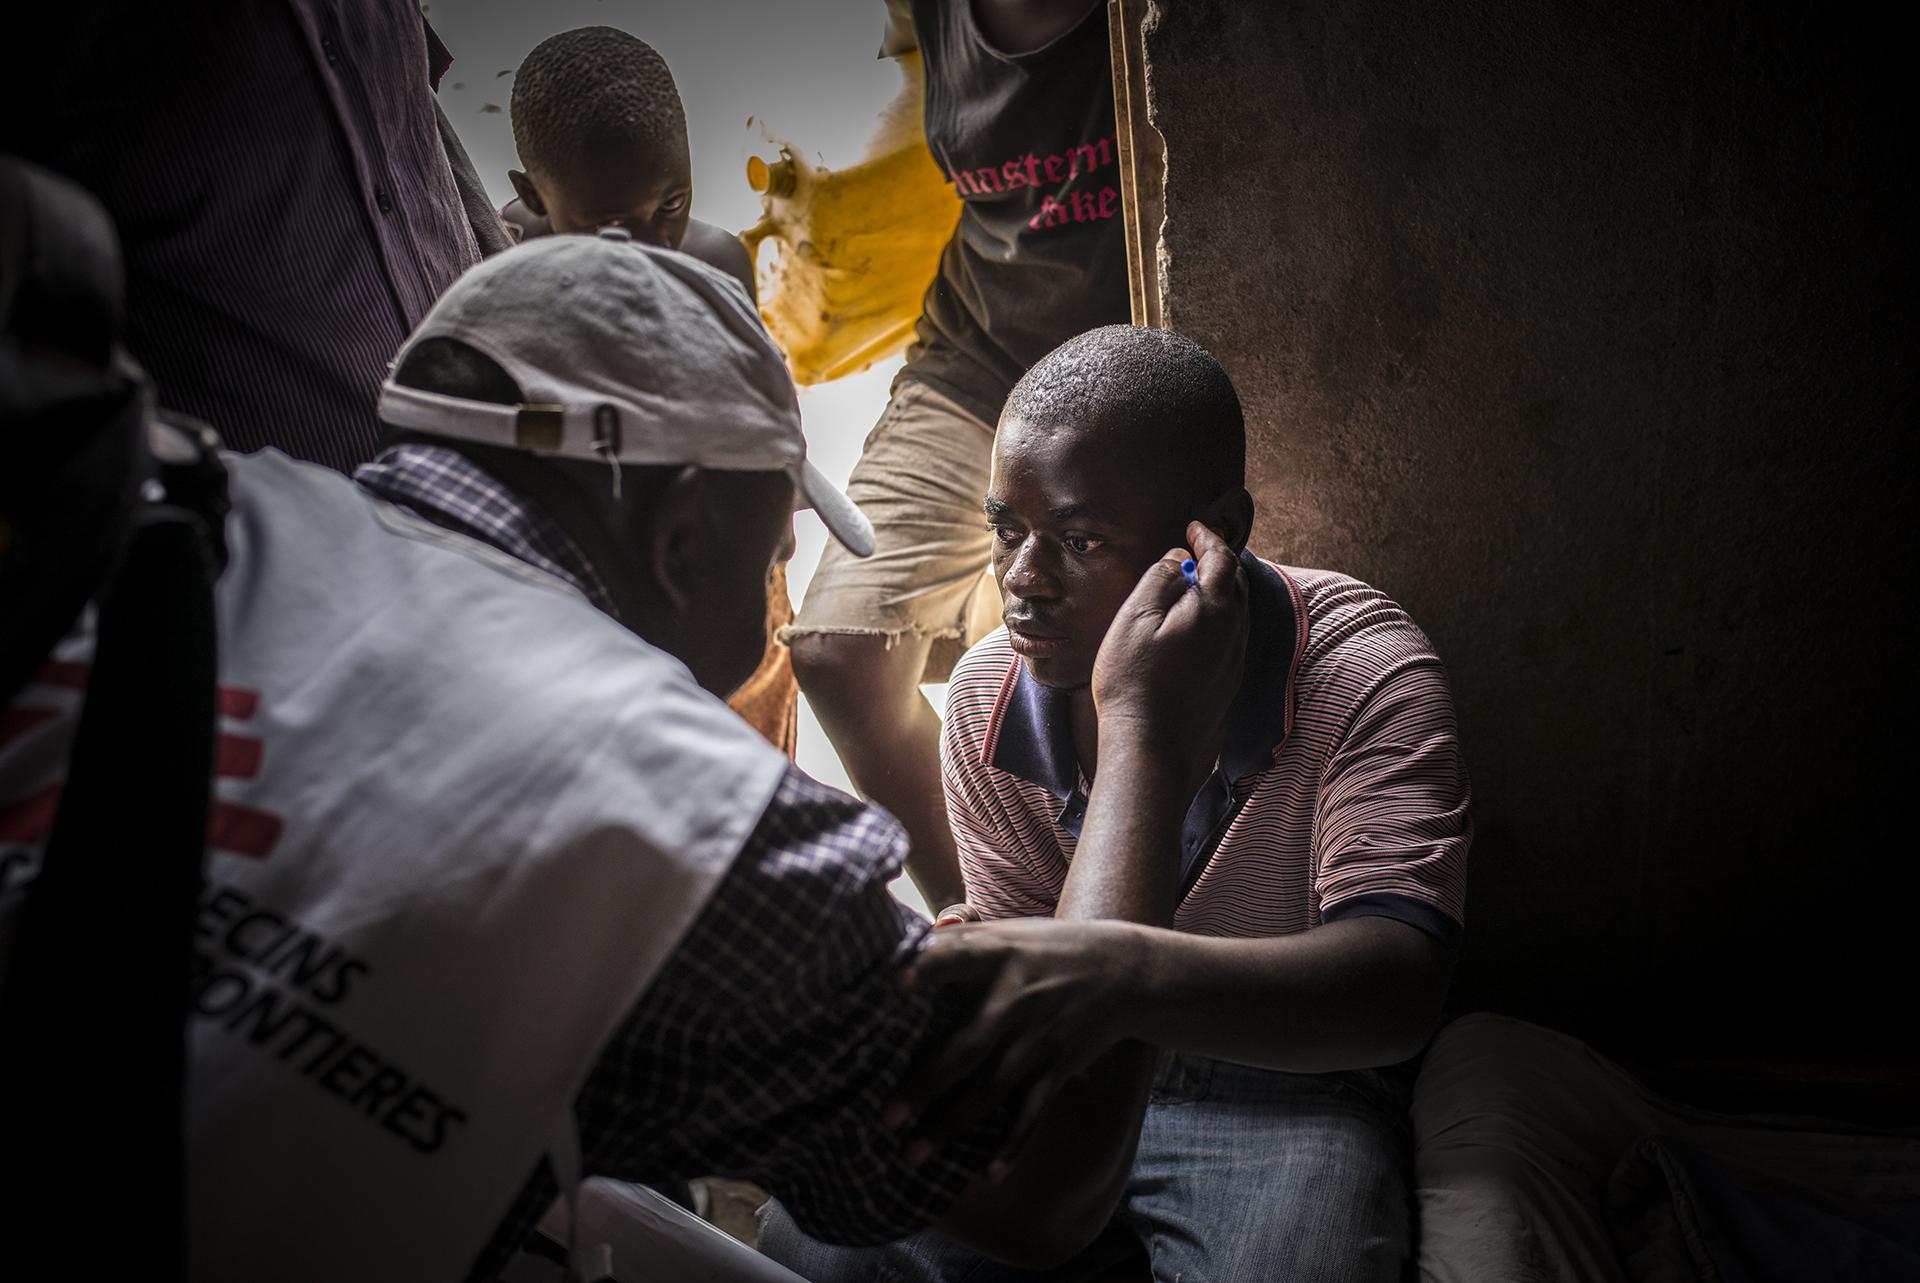 KATWE, UGANDA: Un trabajador de MSF hablando con un hombre con VIH positivo que perdió la vista y el oído cuando dejó de tomar sus medicamentos antirretrovirales a causa del estigma social. Los equipos de MSF pasan casa por casa a hacer pruebas de VIH en Katwe, Uganda (©Guillaume Binet/MYOP)